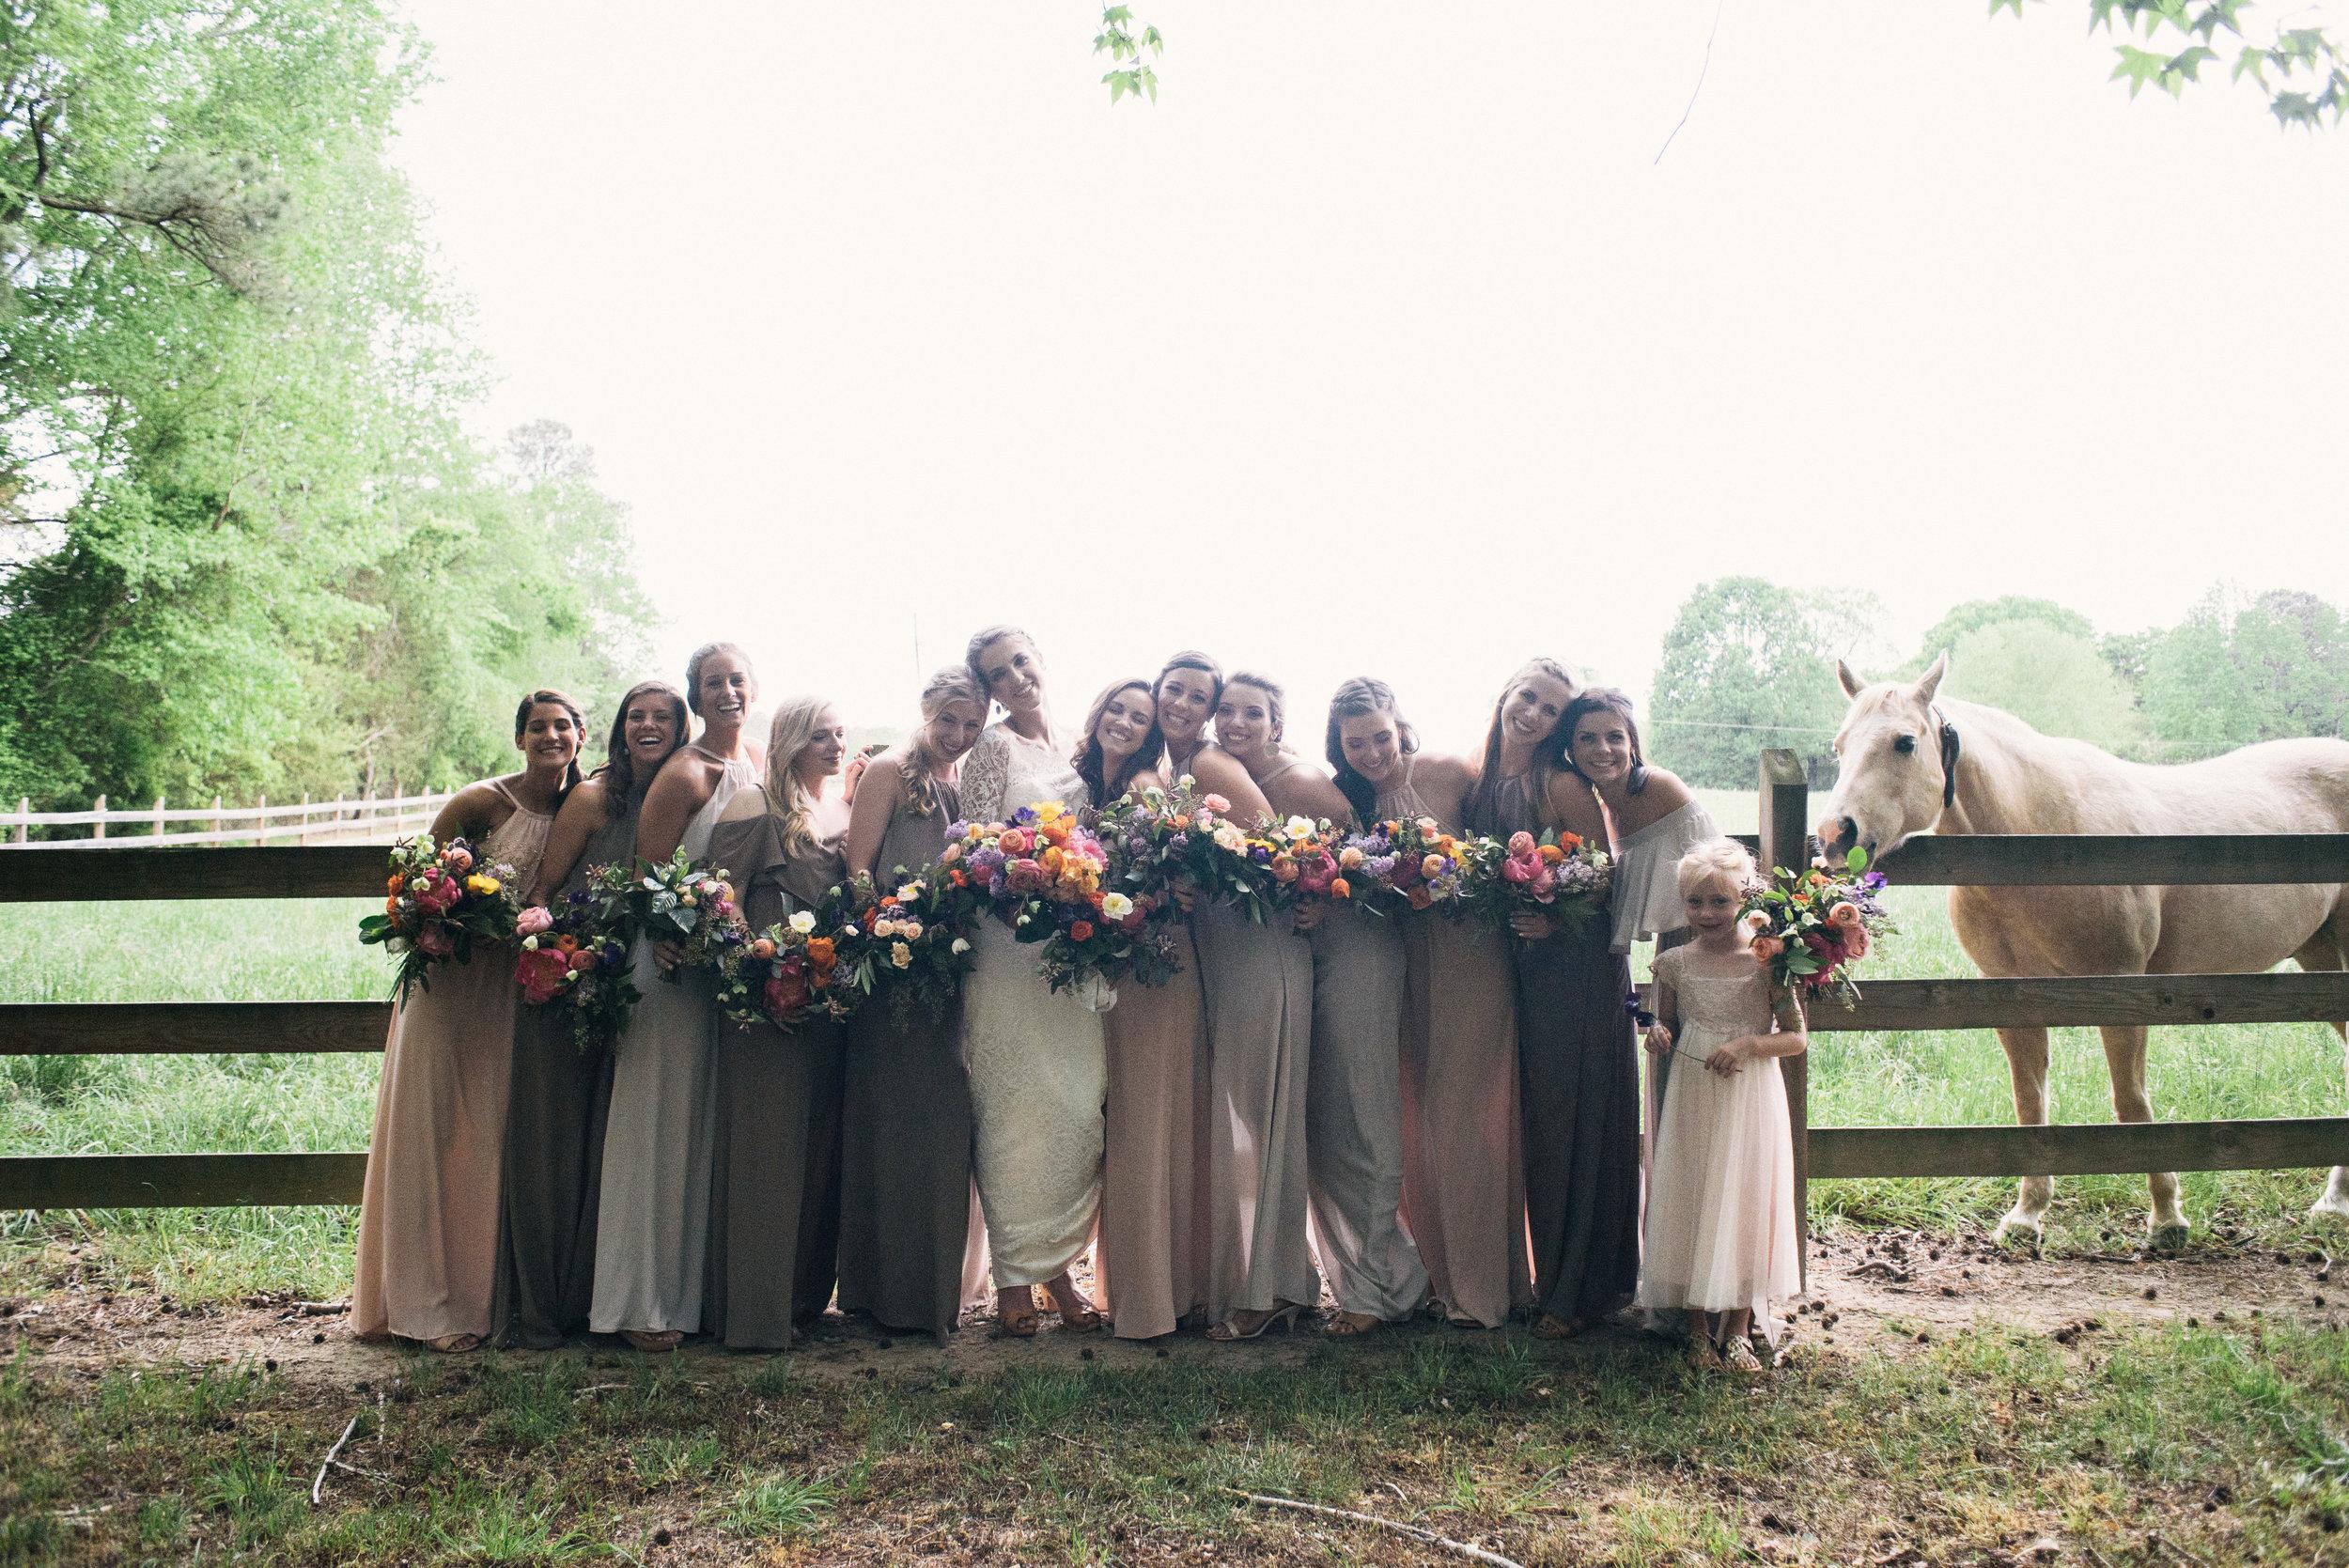 raleigh-elopement-photographer-raleigh-durham-wedding-maddie-and-devin- (55 of 162).jpg